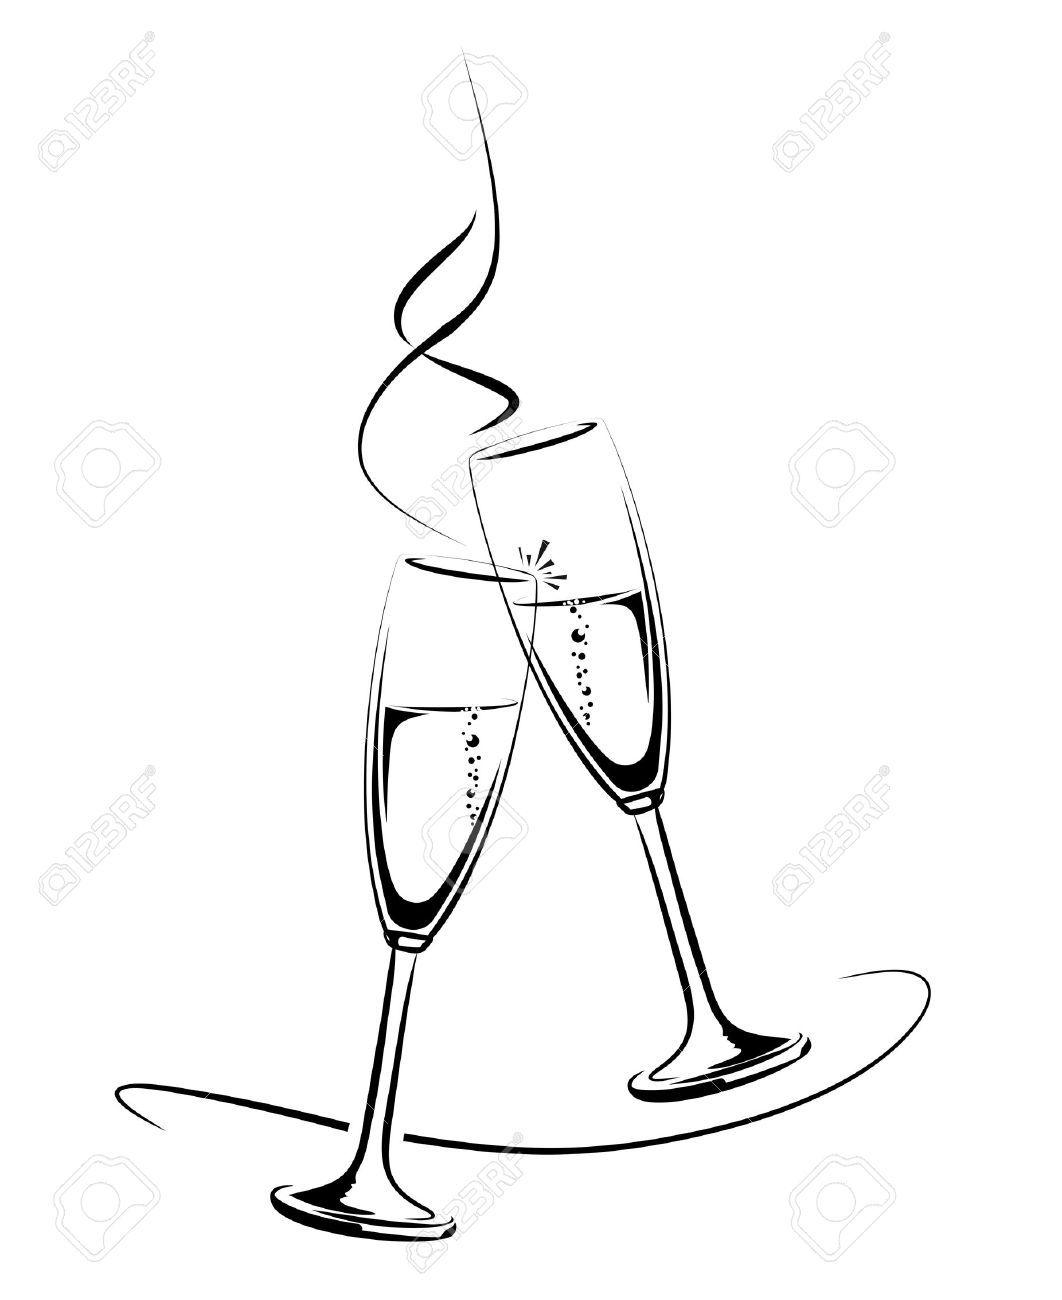 Afbeeldingsresultaat Voor Champagneglazen Tekening Home